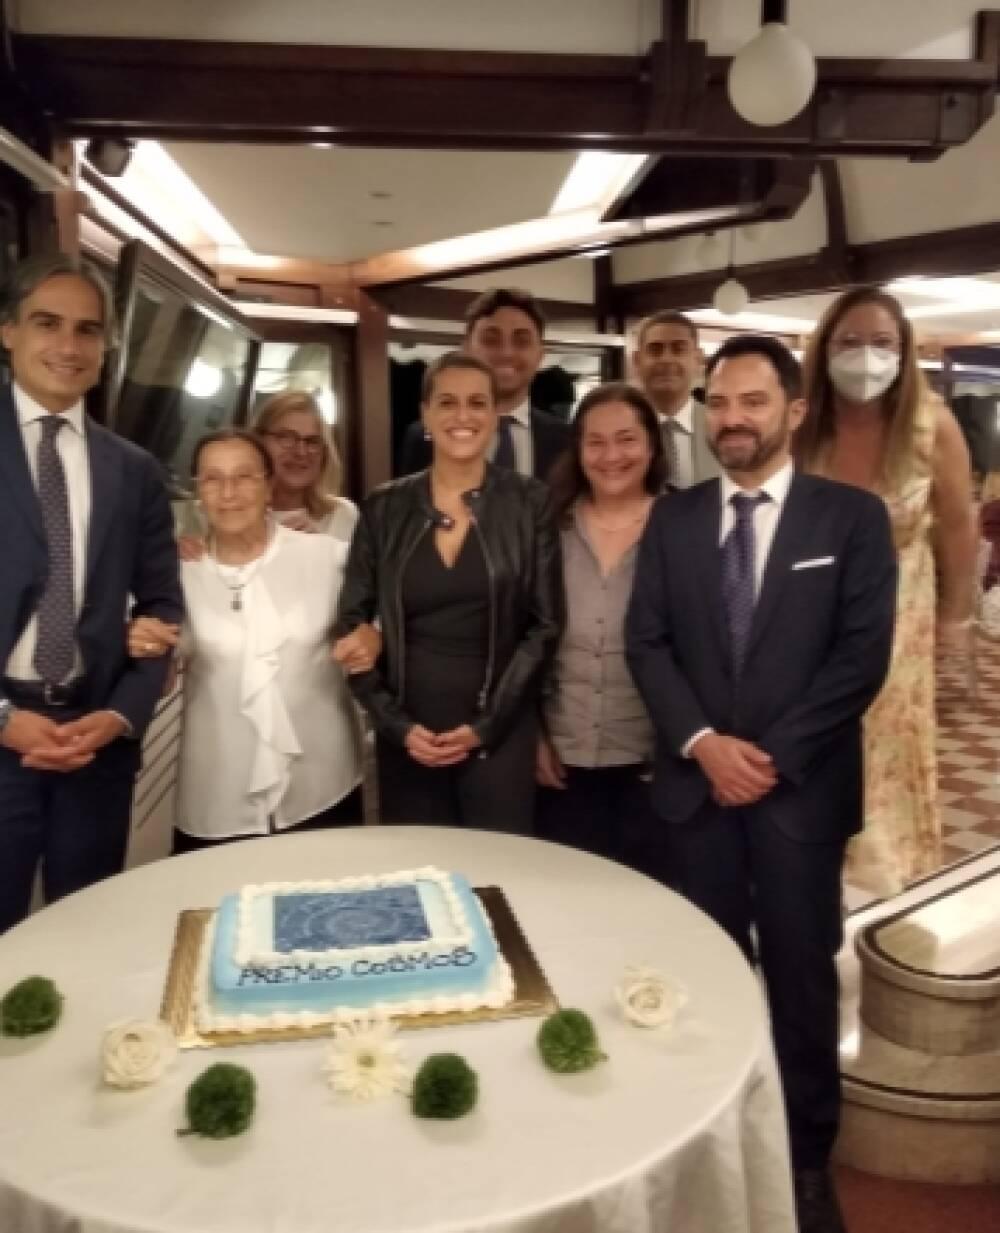 Gli organizzatori, Sindaco, Angela Misiano, Licia Troisi, la scrittrice vincitrice...